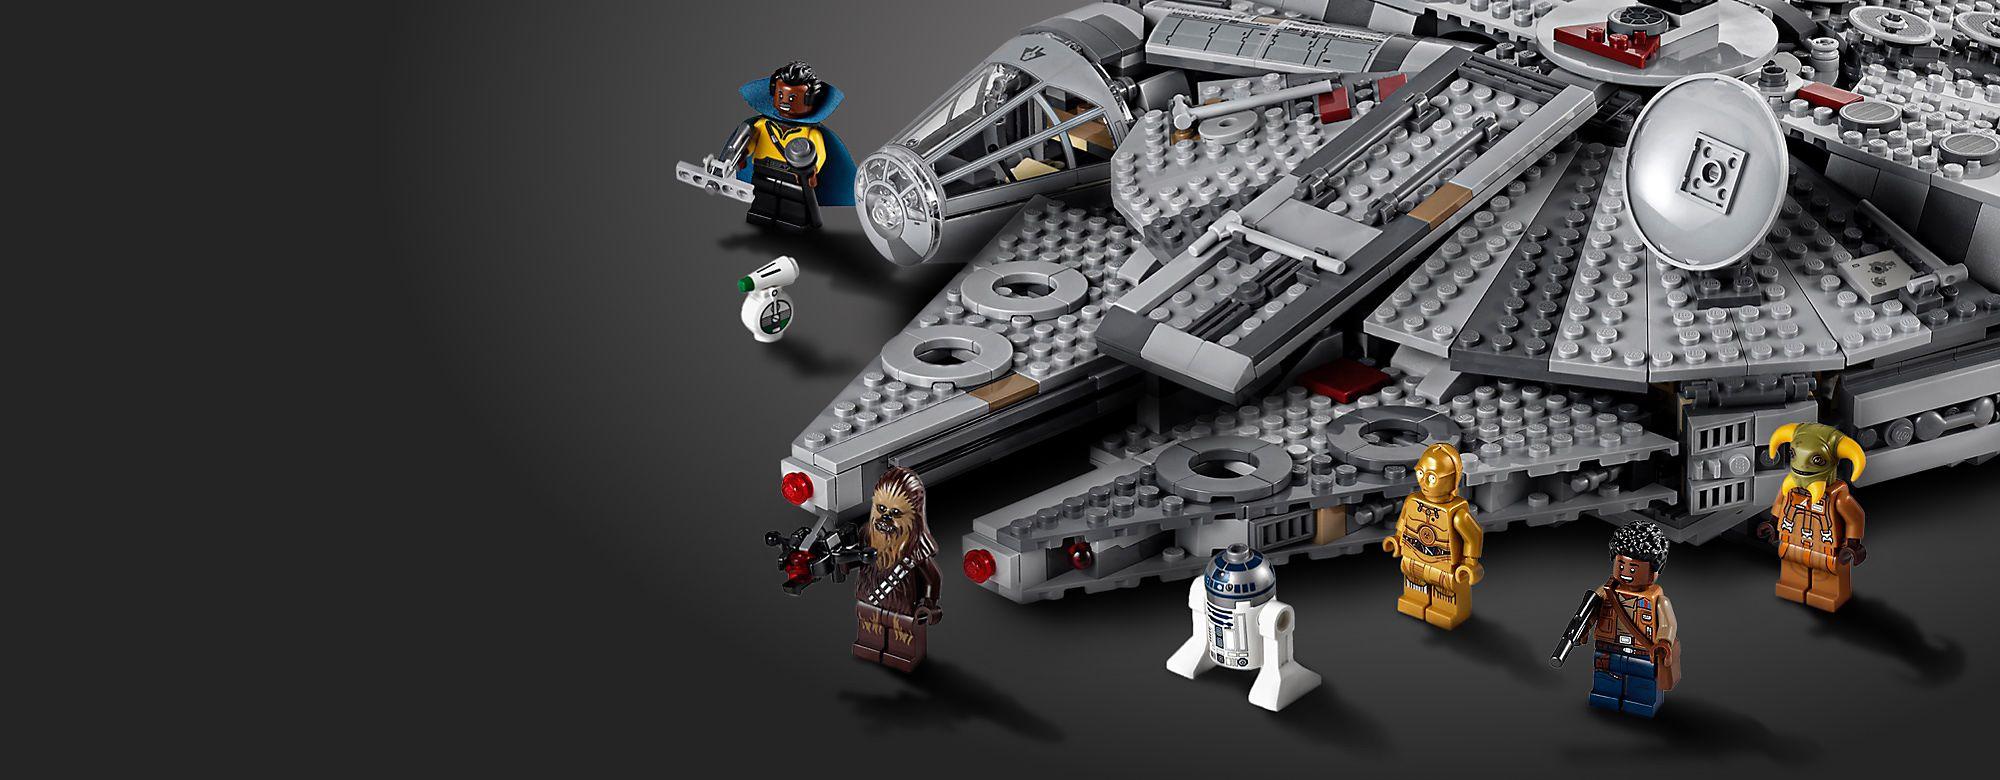 LEGO Laissez libre cours à votre imagination